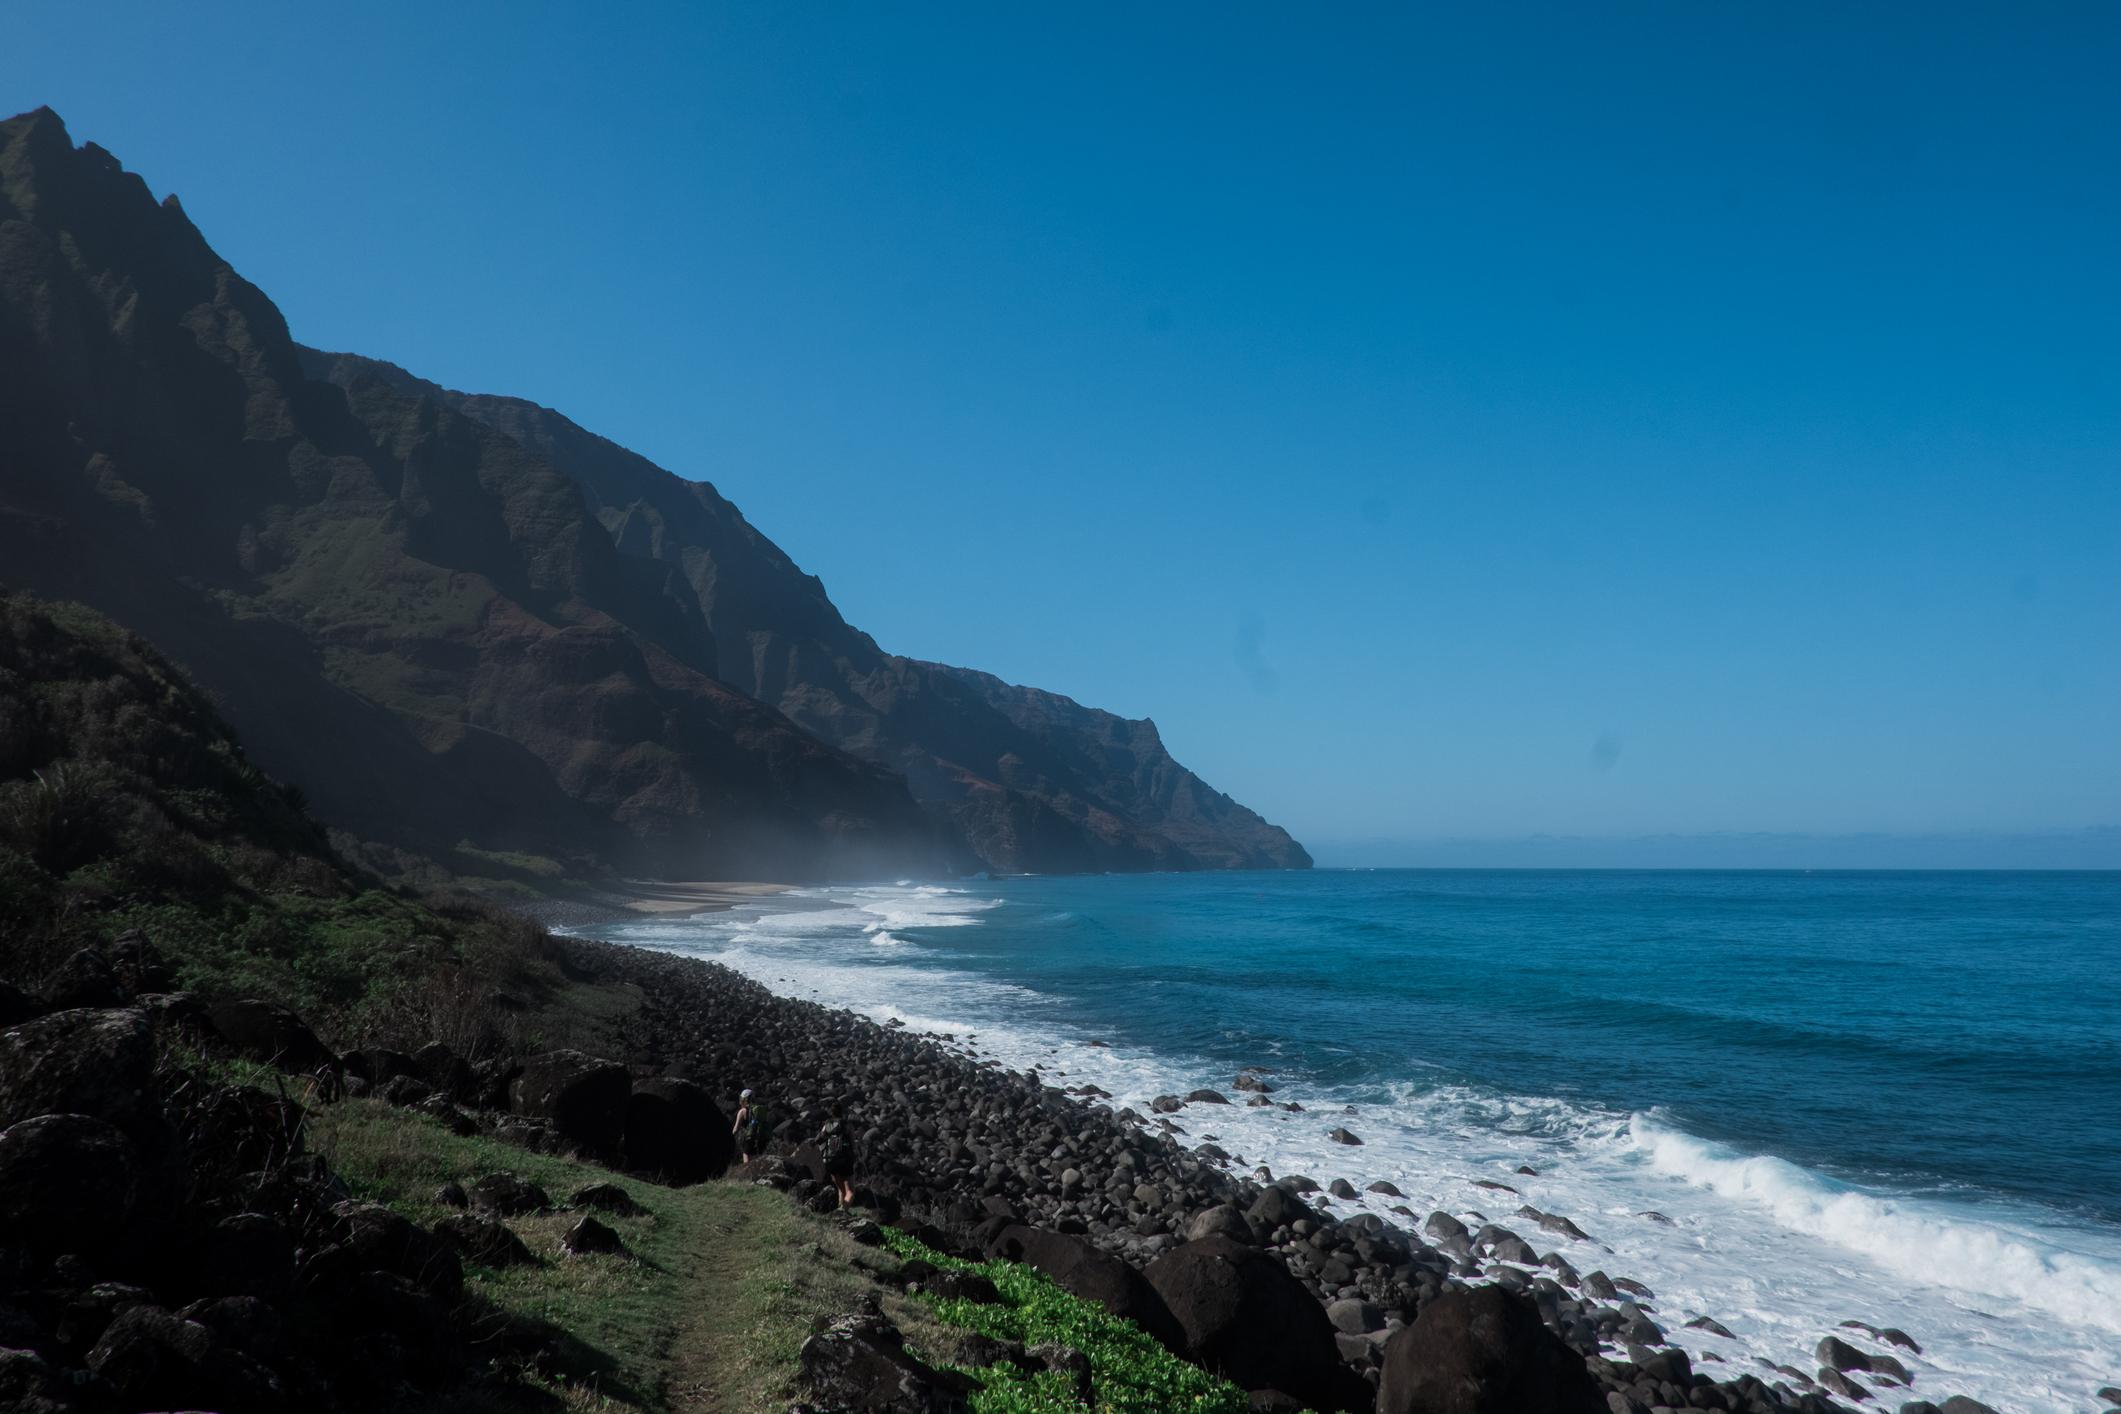 Капаа, Хавай<br /> Това малко известно райско място е сред местата, които се очаква бързо да наберат популярност в следващите години.<br /> <br /> Капаа е малък град, сгушен в основата на планината Нуну на остров Кауай. Разполага с необичайно разнообразние на хотели, търговски центрове и ресторанти. Мястото е популярно и сред любителите на водни спортове, благодарение на възможностите за каяк и водни ски.